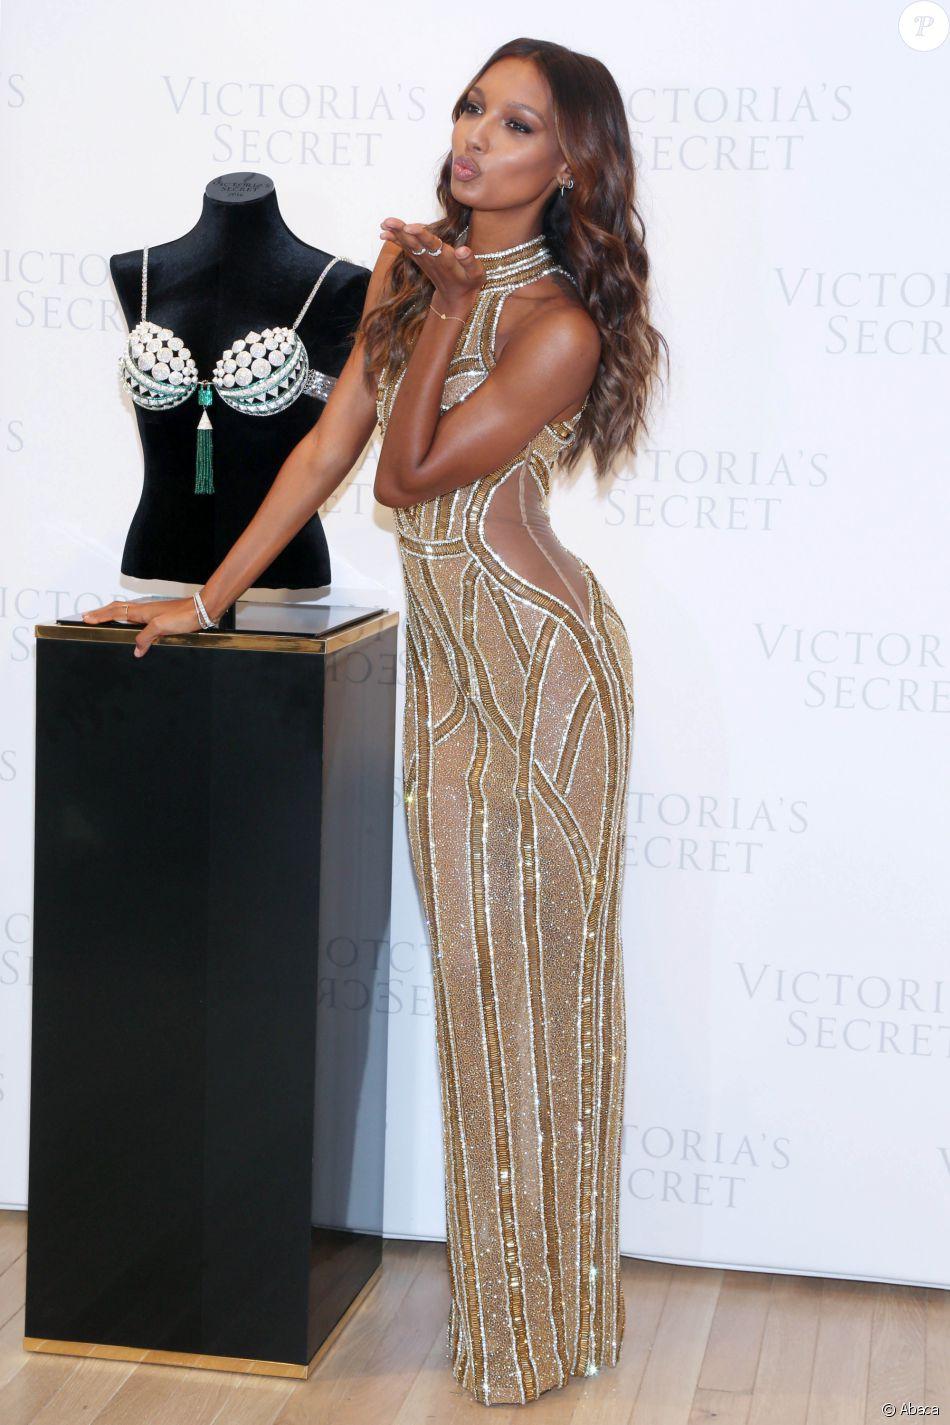 Jasmine Tookes, Ange Victoria's Secret, lors de la présentation du Fantasy Bra à New York le 26 octobre 2016.